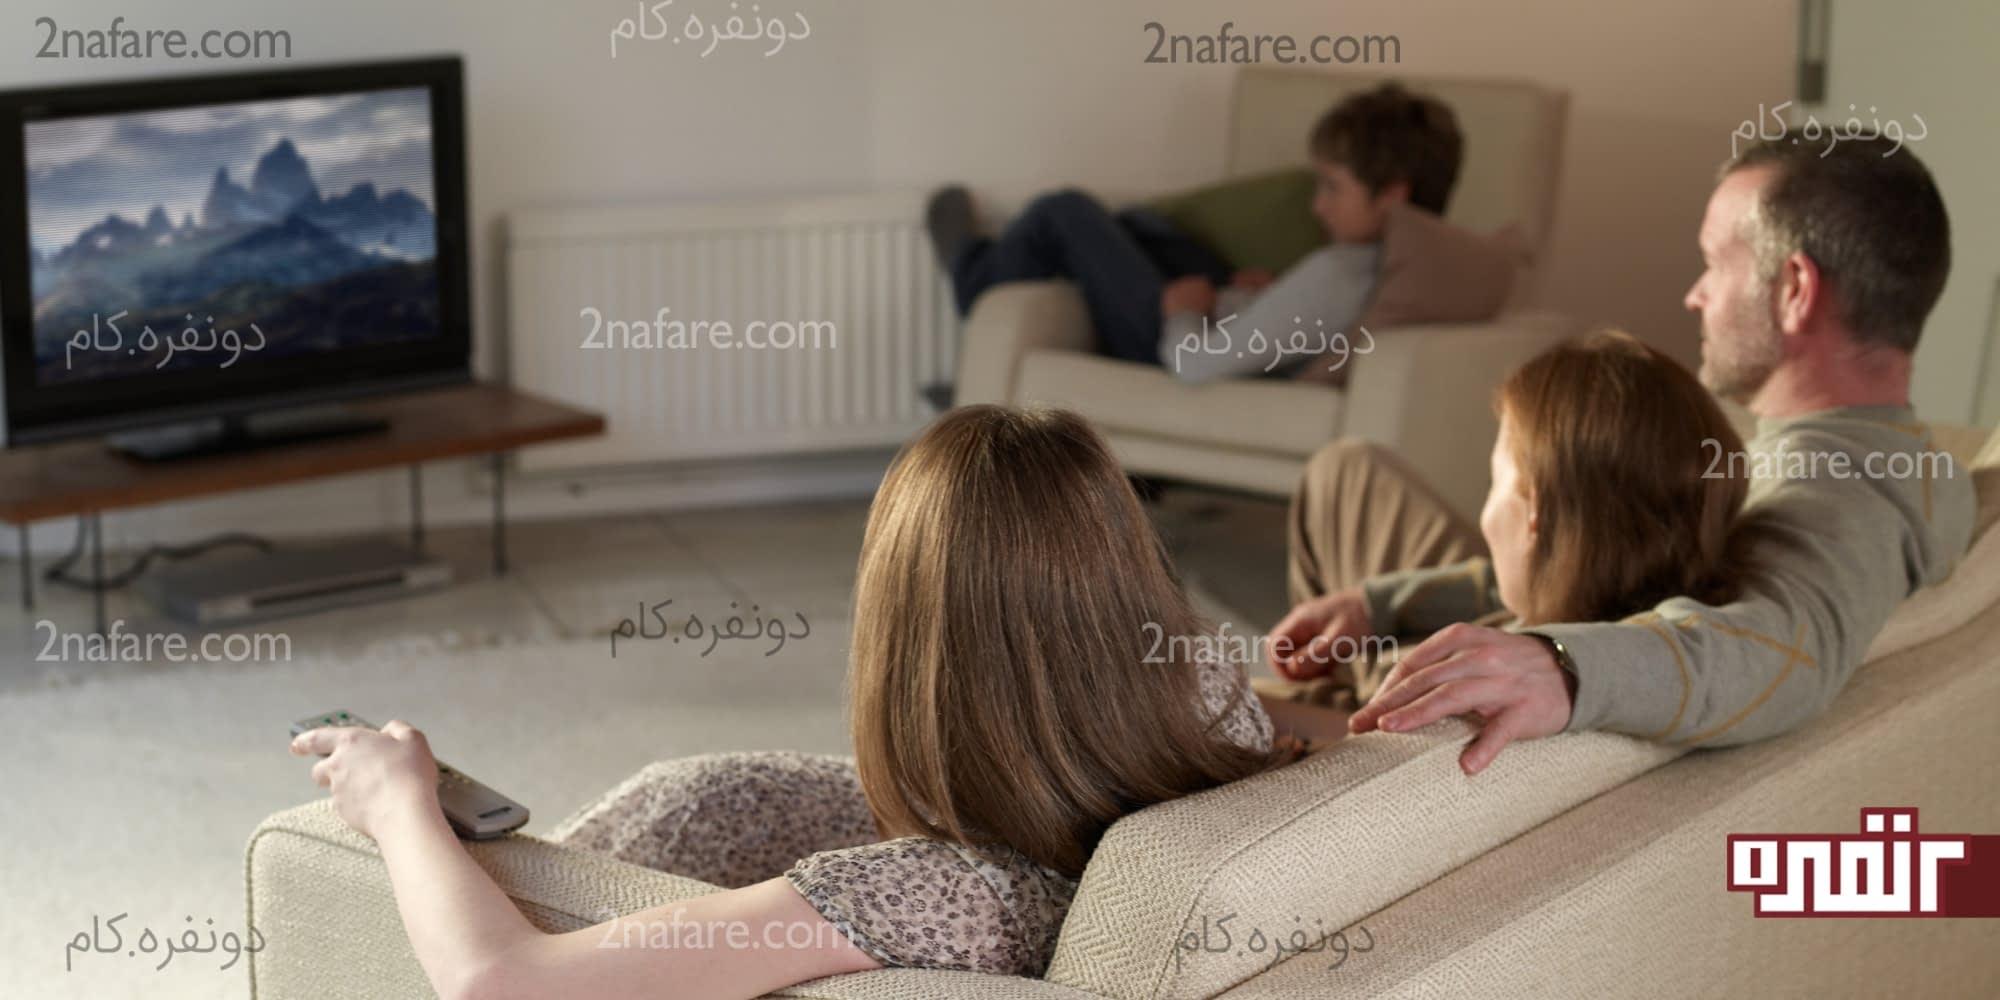 تأثیرات منفی تماشای تلویزیون برای بزرگسالان و کودکان